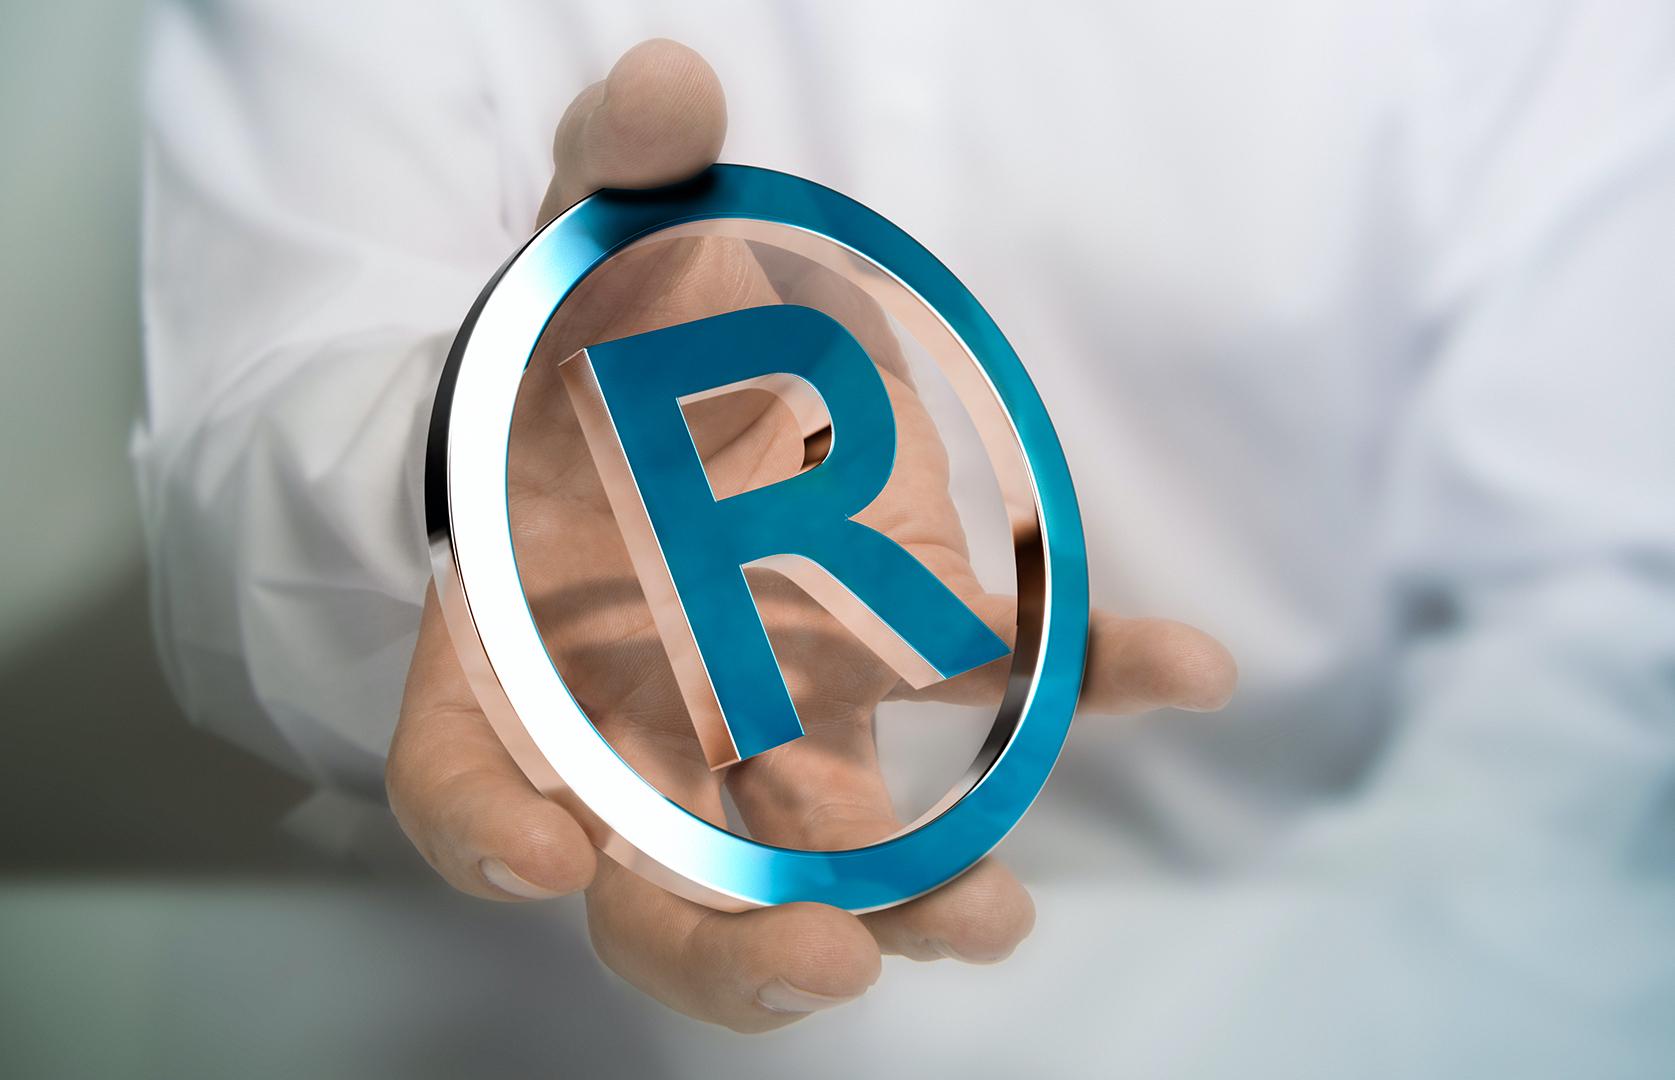 Регистрация товарного знака в Роспатент айдентика-бренда.рф